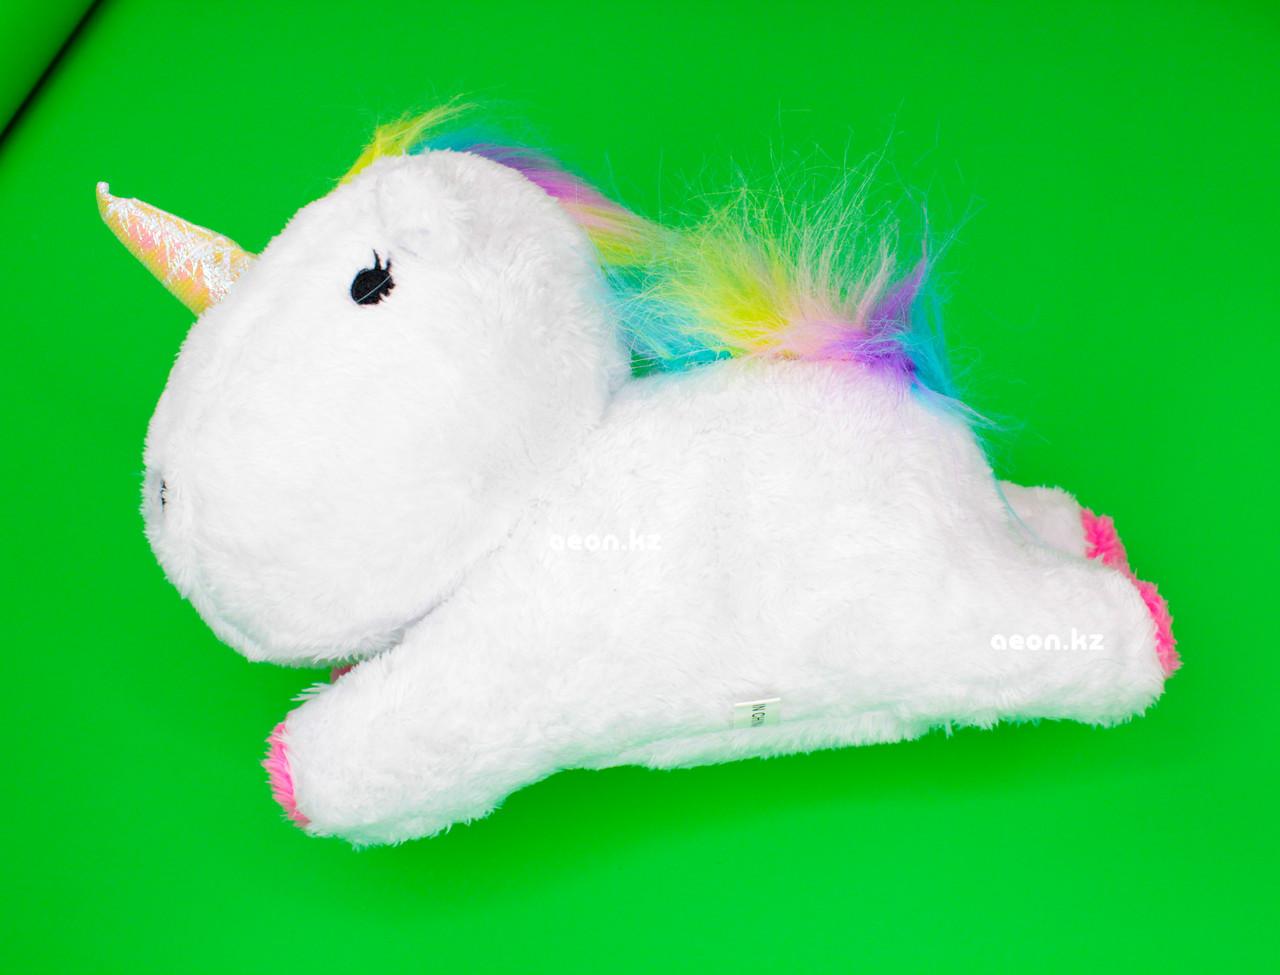 Мягкая игрушка белый Единорог лохматый